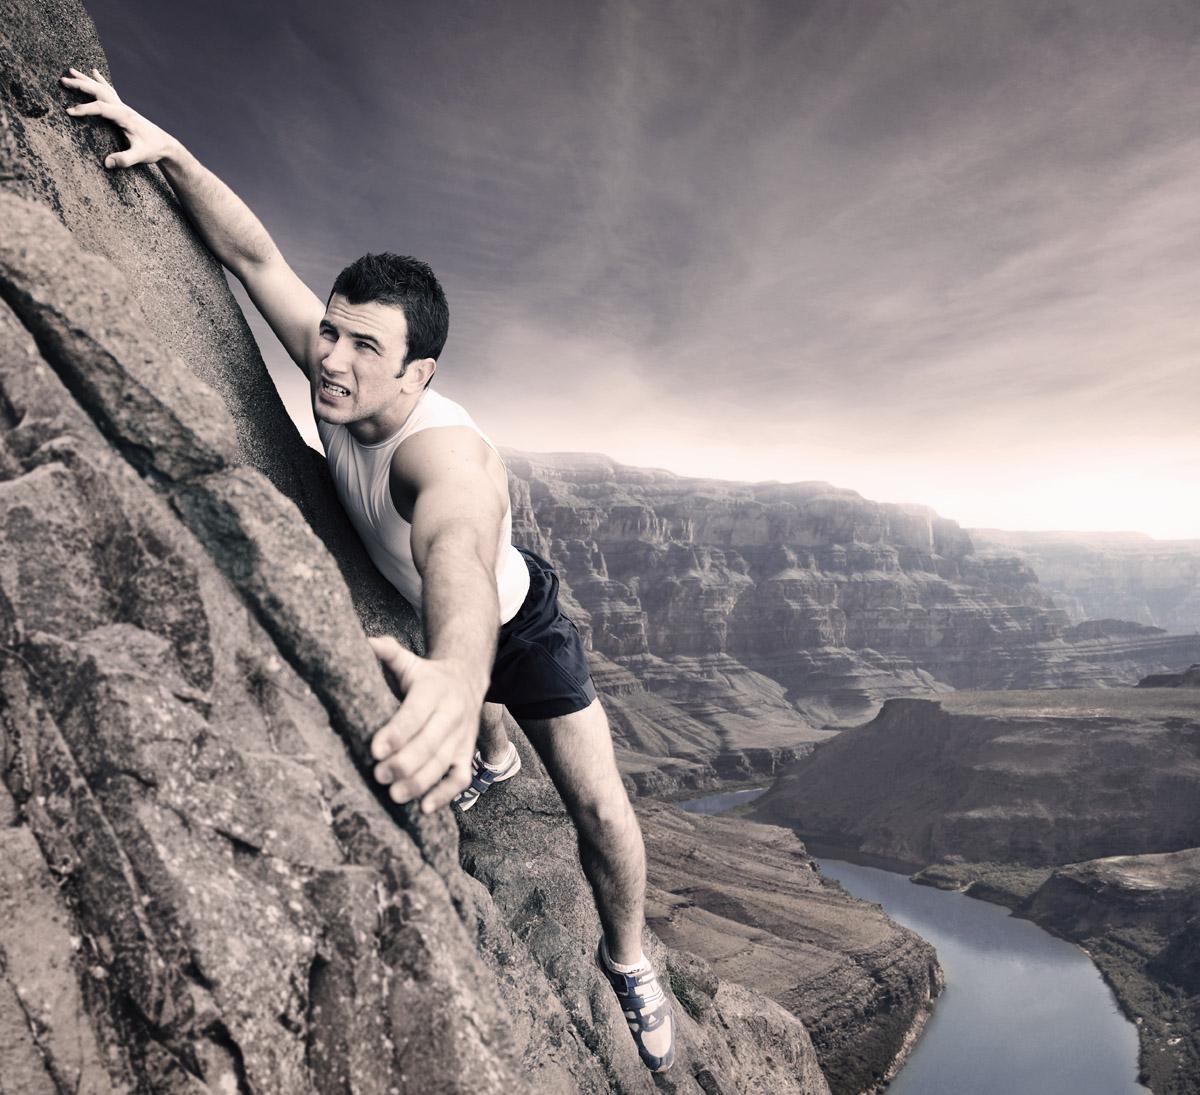 004_Climbing_Comp_Final_Crop_Flat_1200.jpg